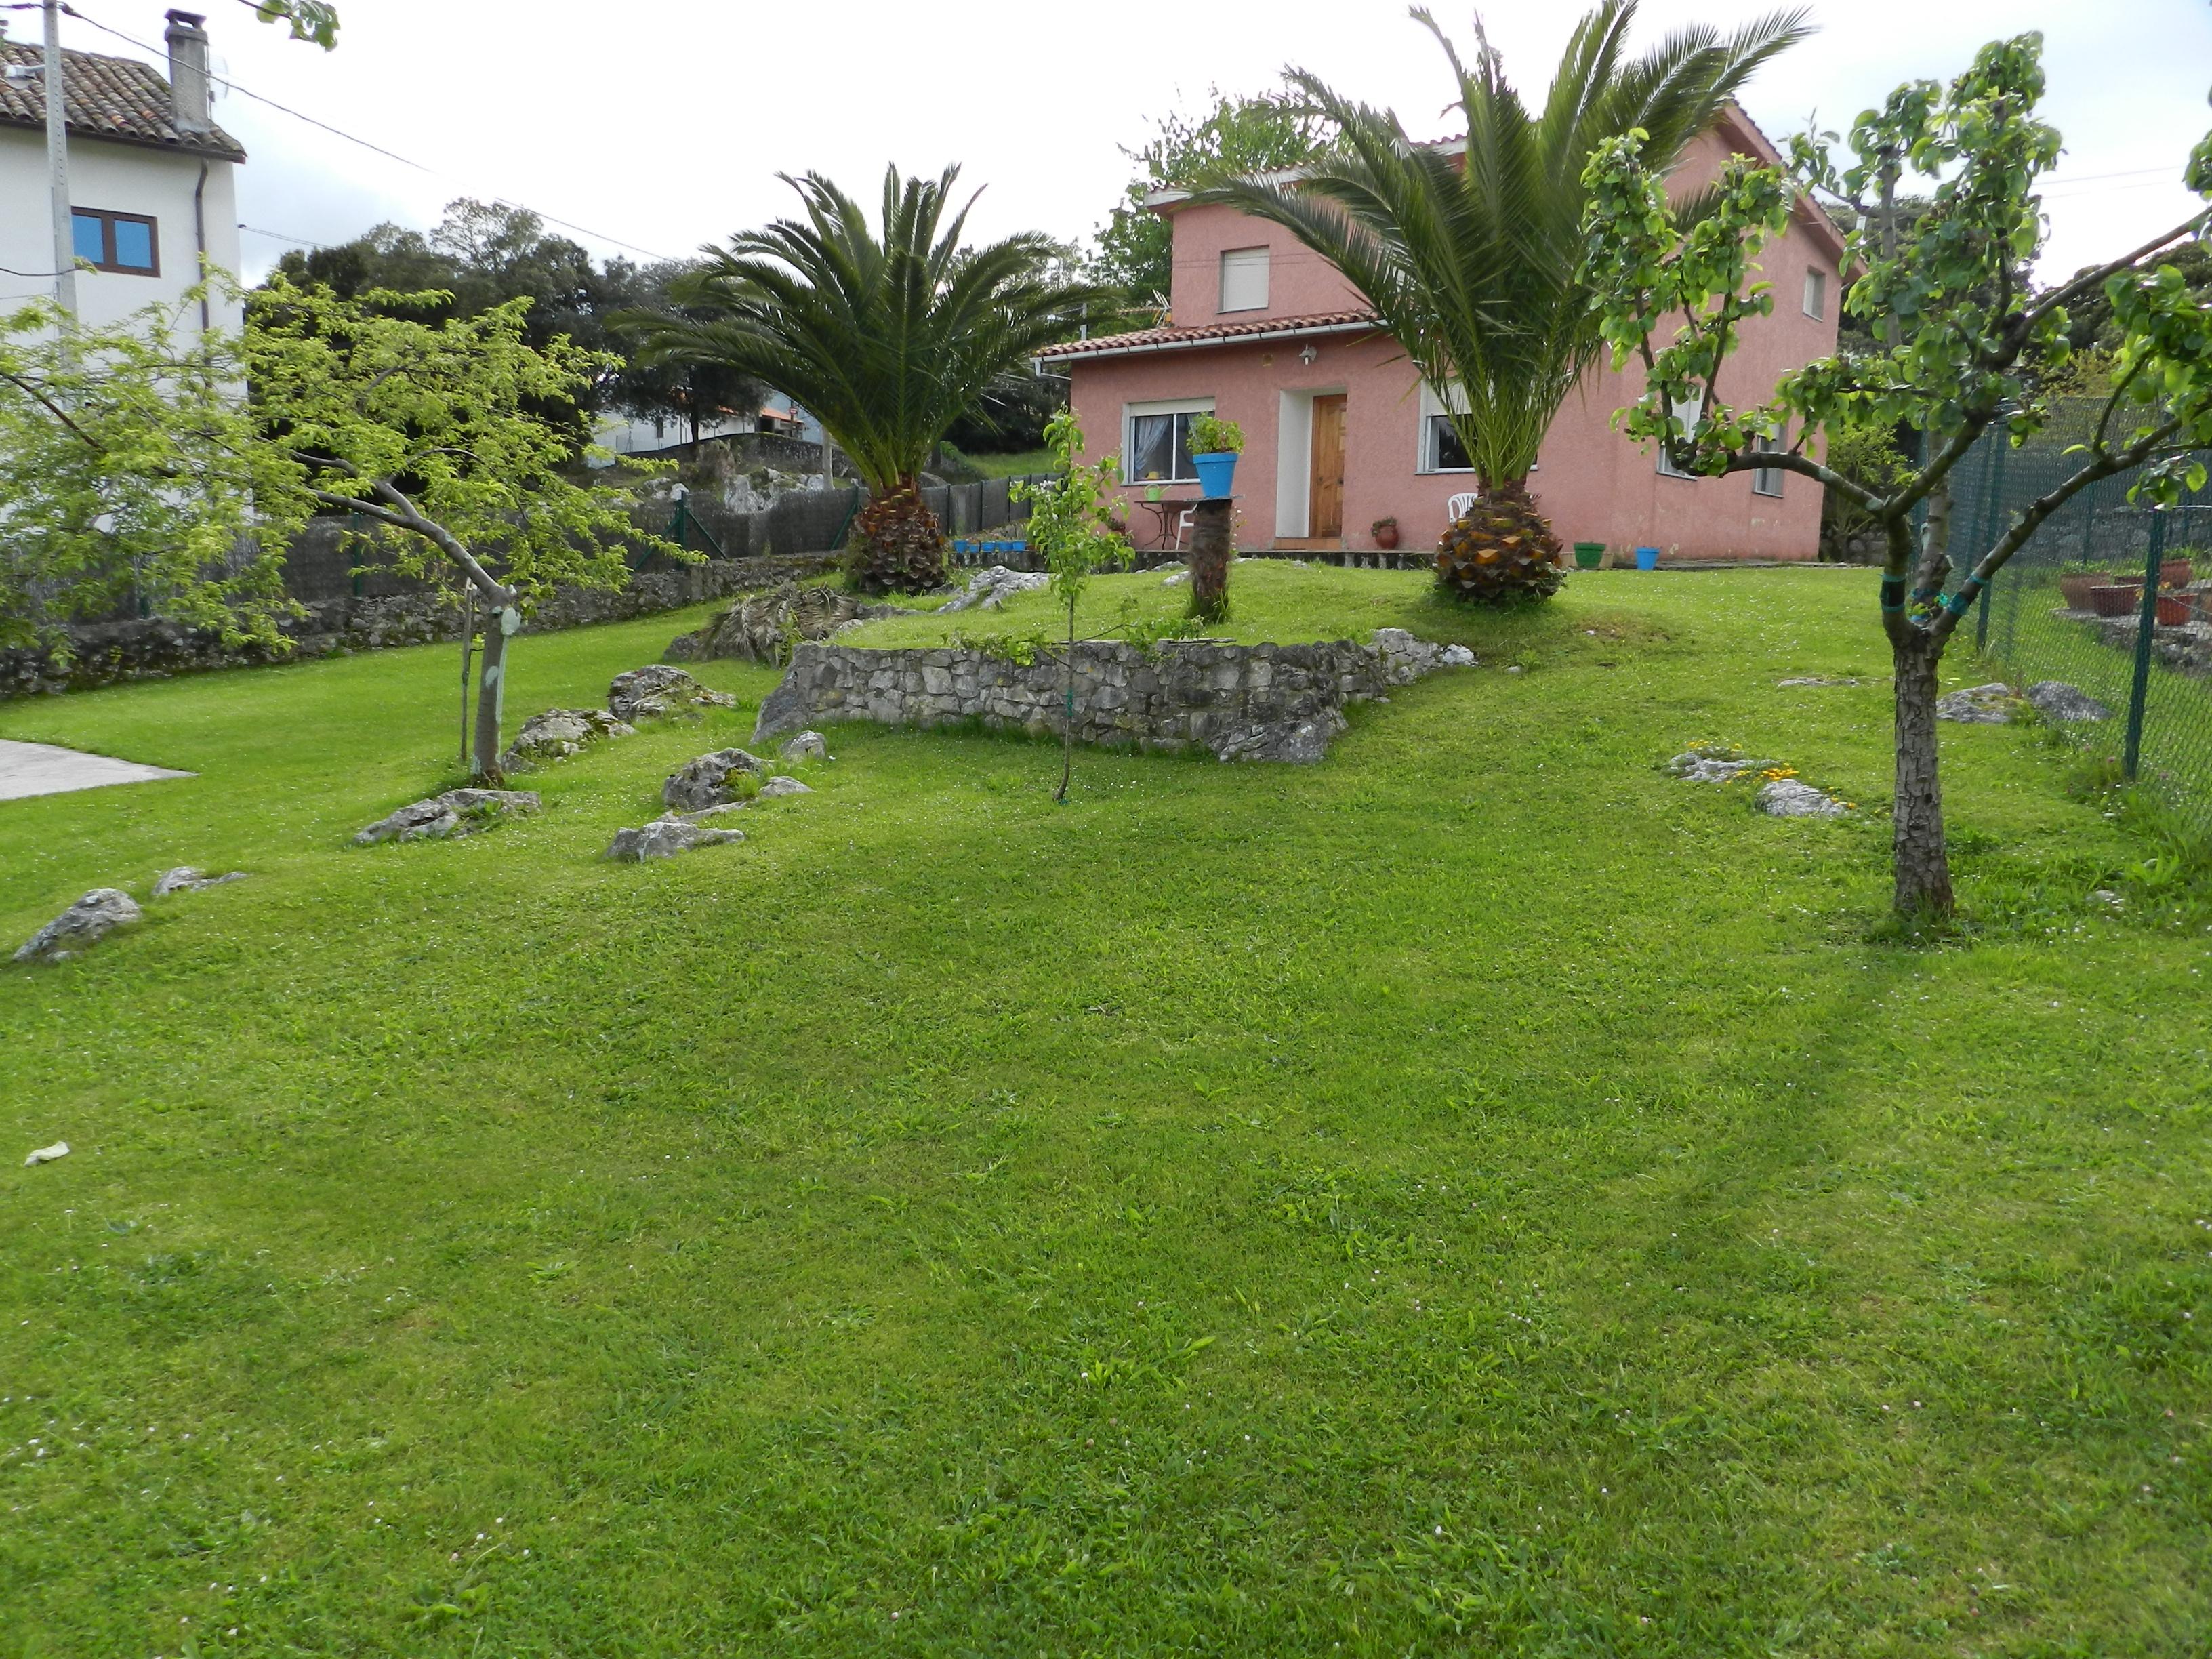 Aluguel casa de campo llanes asturias espanha la xunta - Casa de campo asturias ...